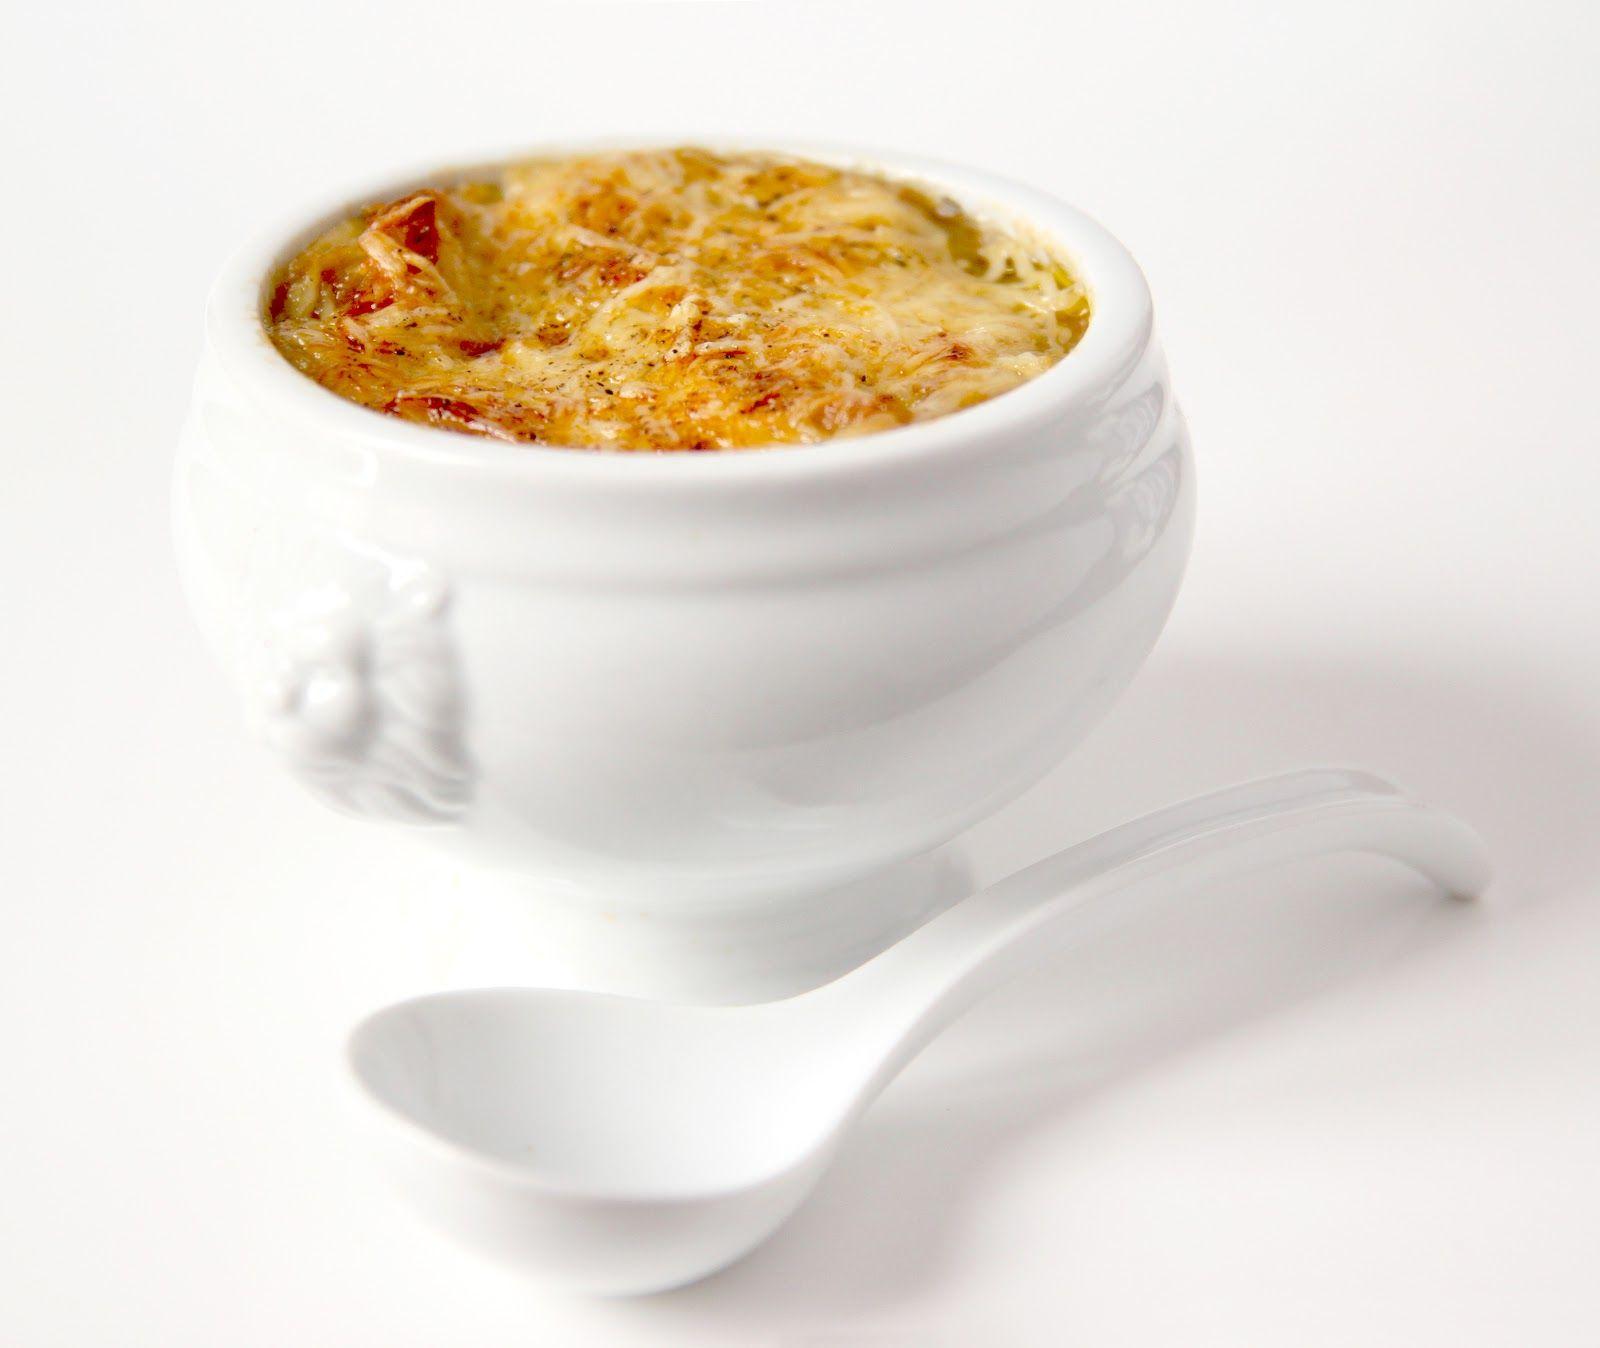 Grand classique de la cuisine fran aise la soupe gratin e l 39 oignon est toute simple - Grand classique cuisine francaise ...